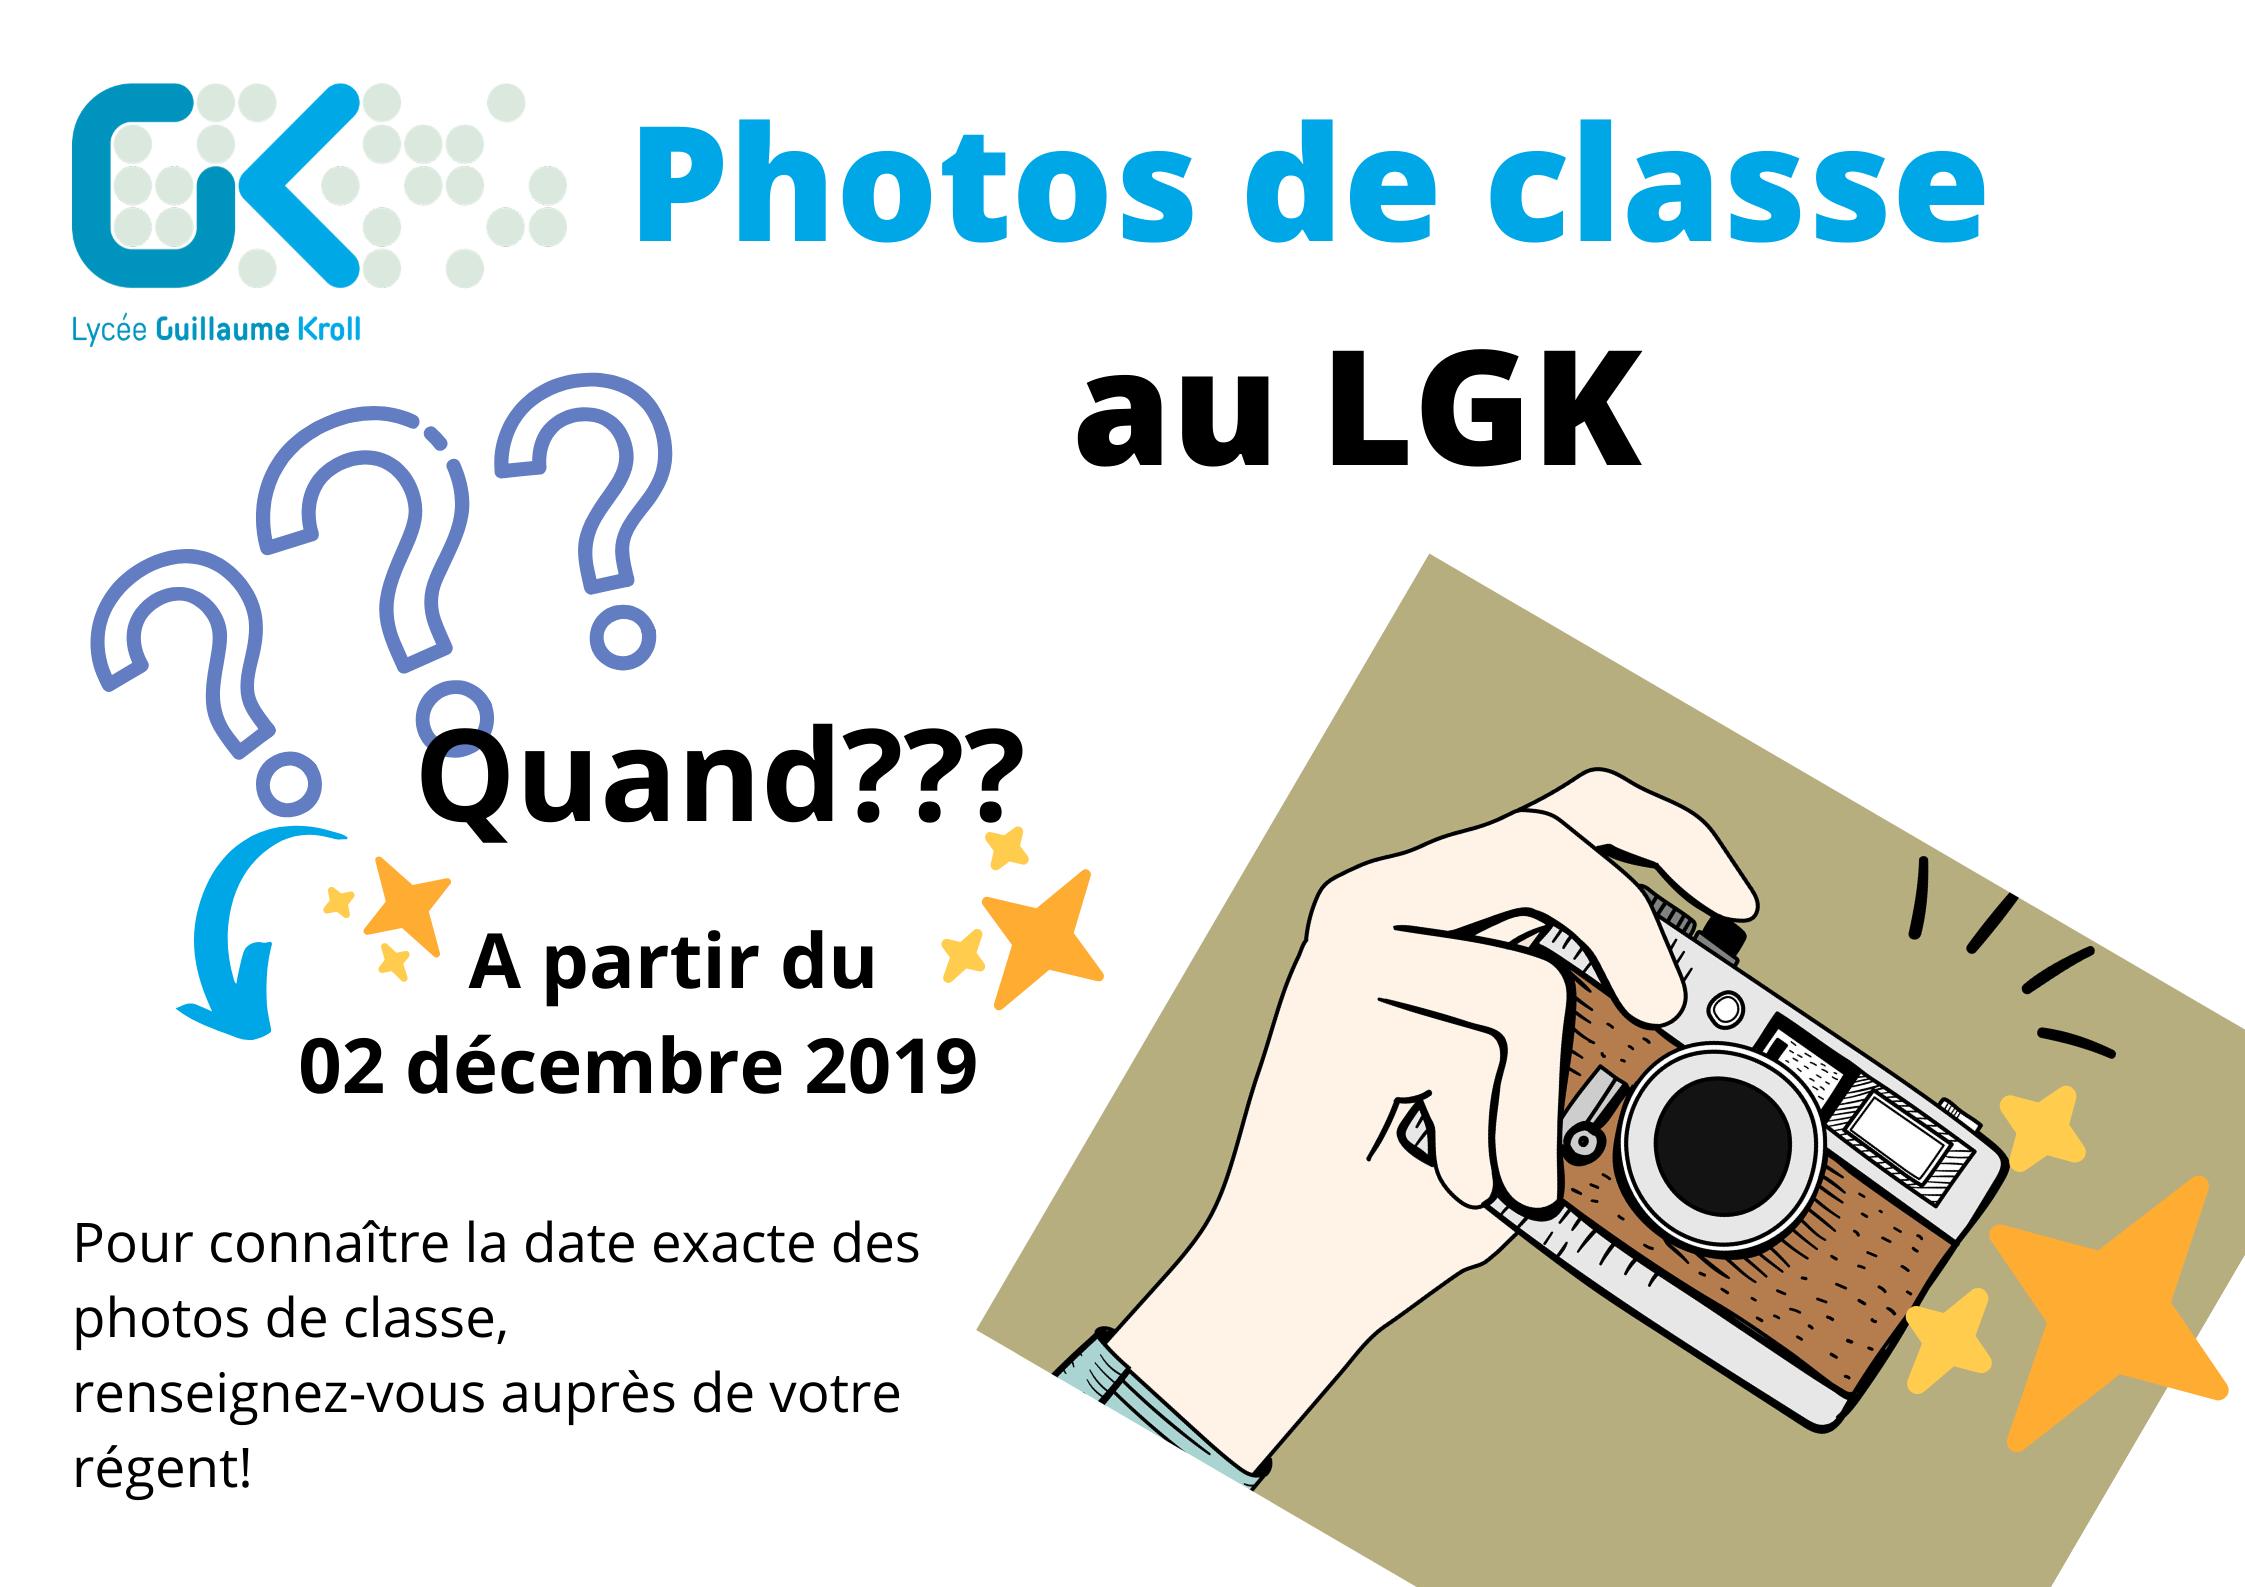 Très prochainement: Les photos de classe au LGK